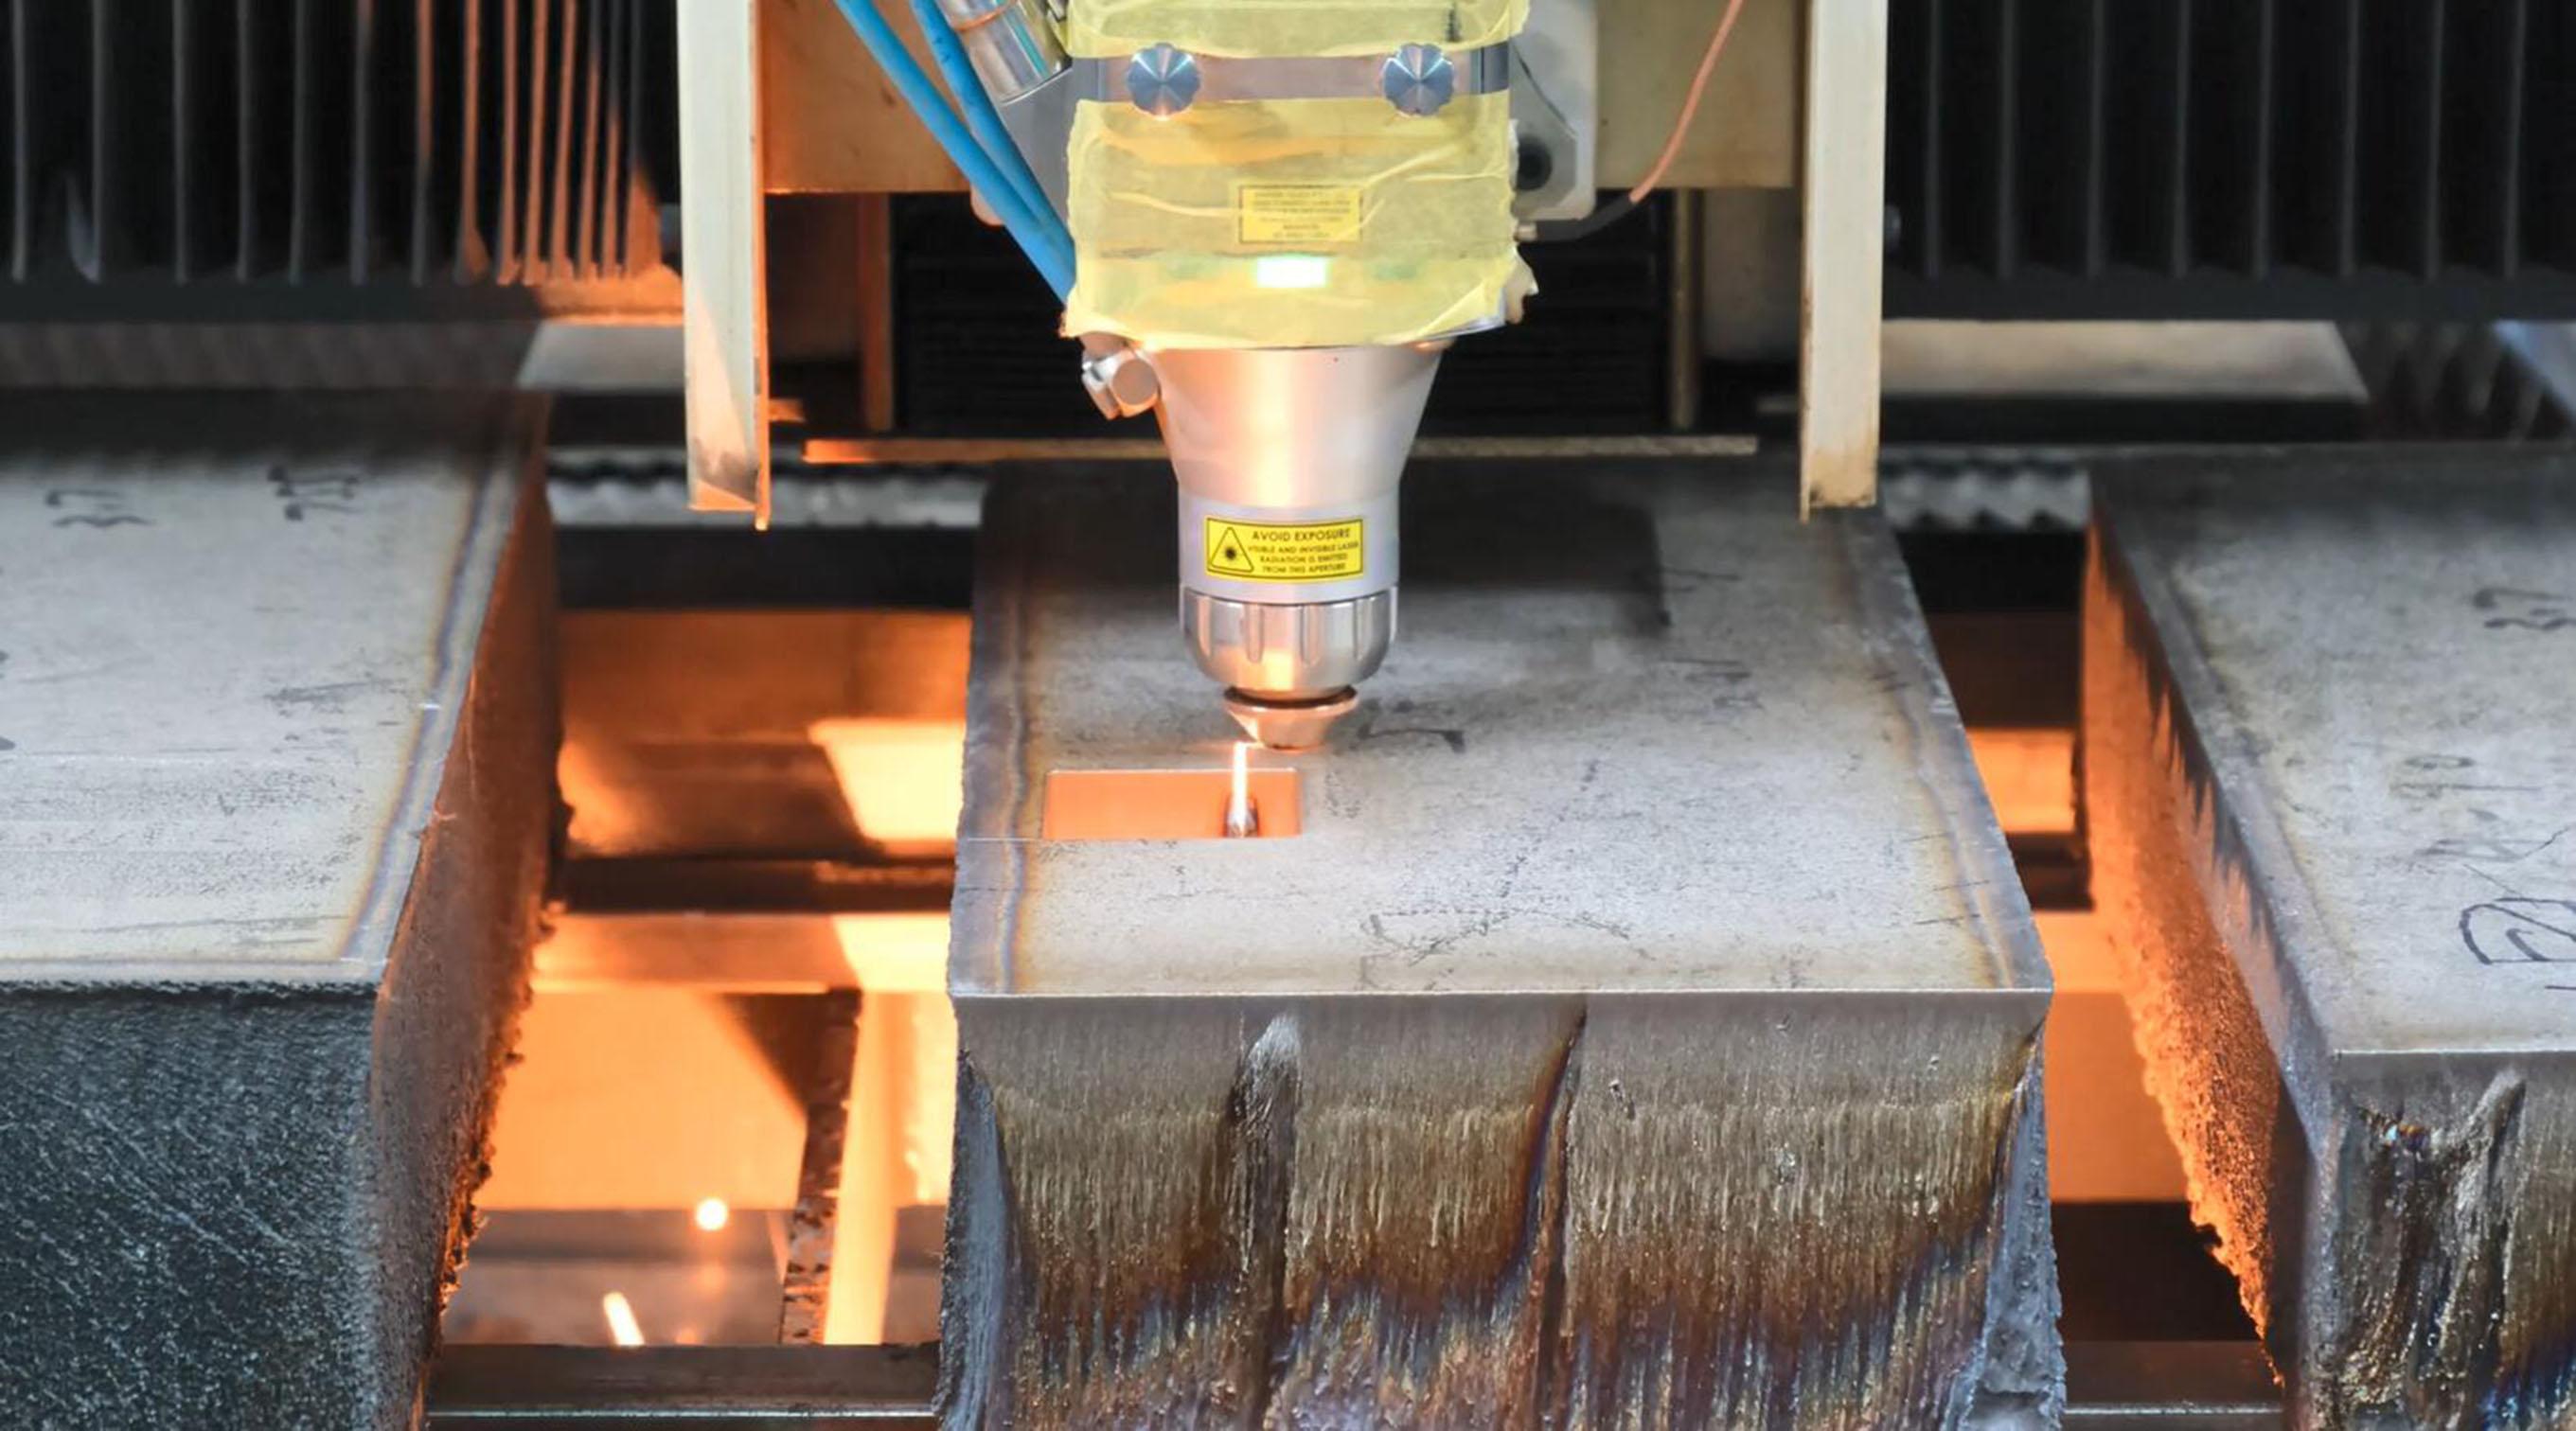 光纖激光切割機自動對焦與手動對焦哪個更好?